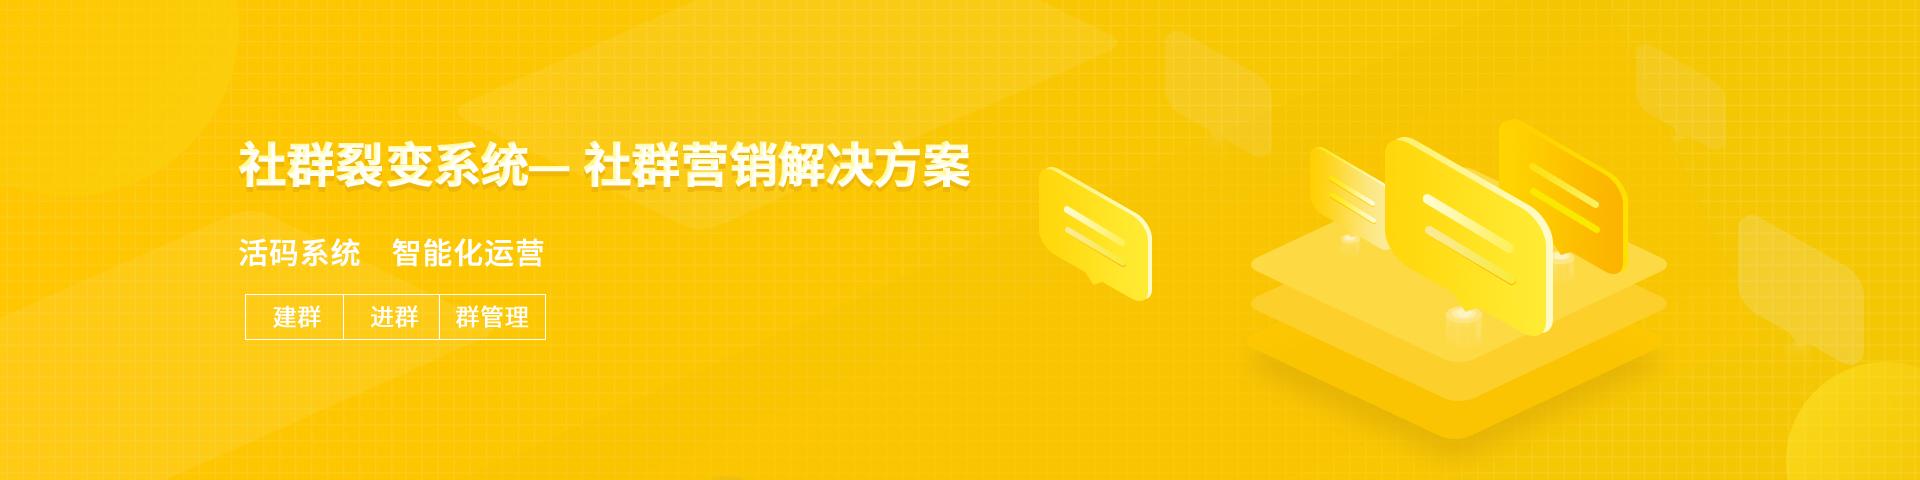 社群裂变系统-社群营销解决方案,活码系统,智能化运营